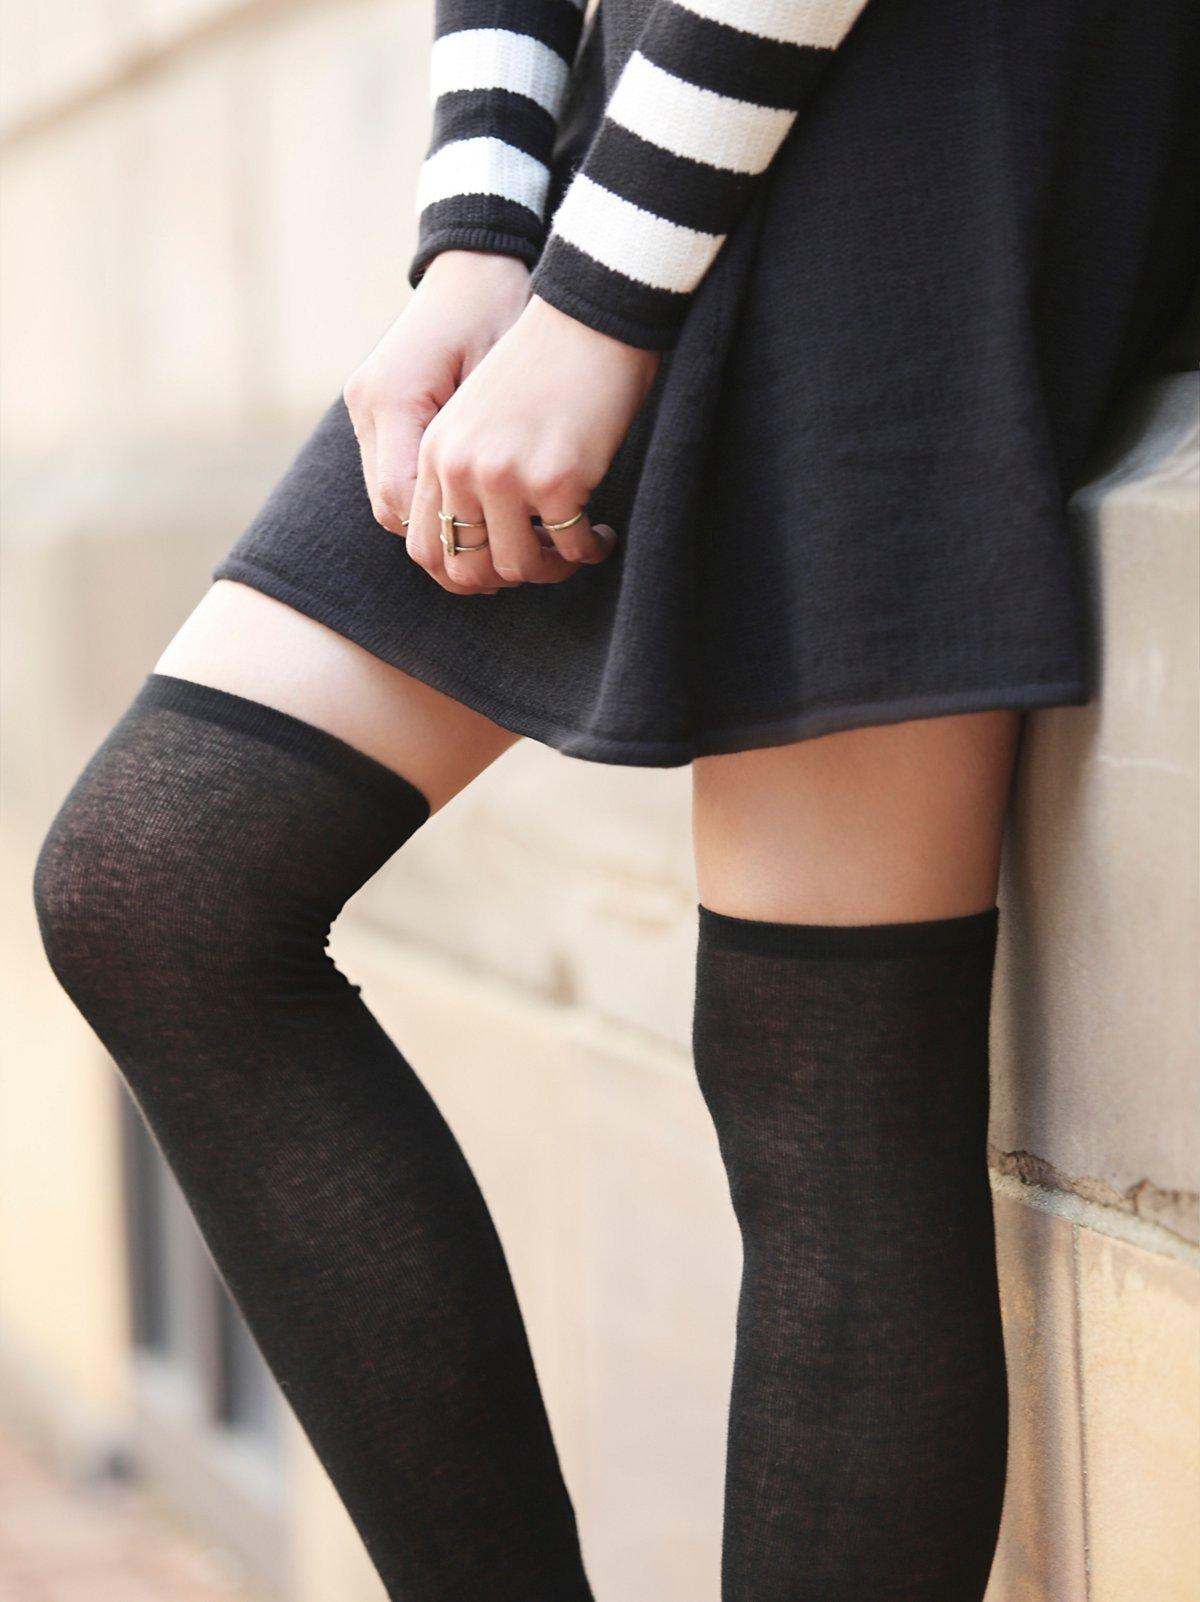 Caravel Thigh Hi